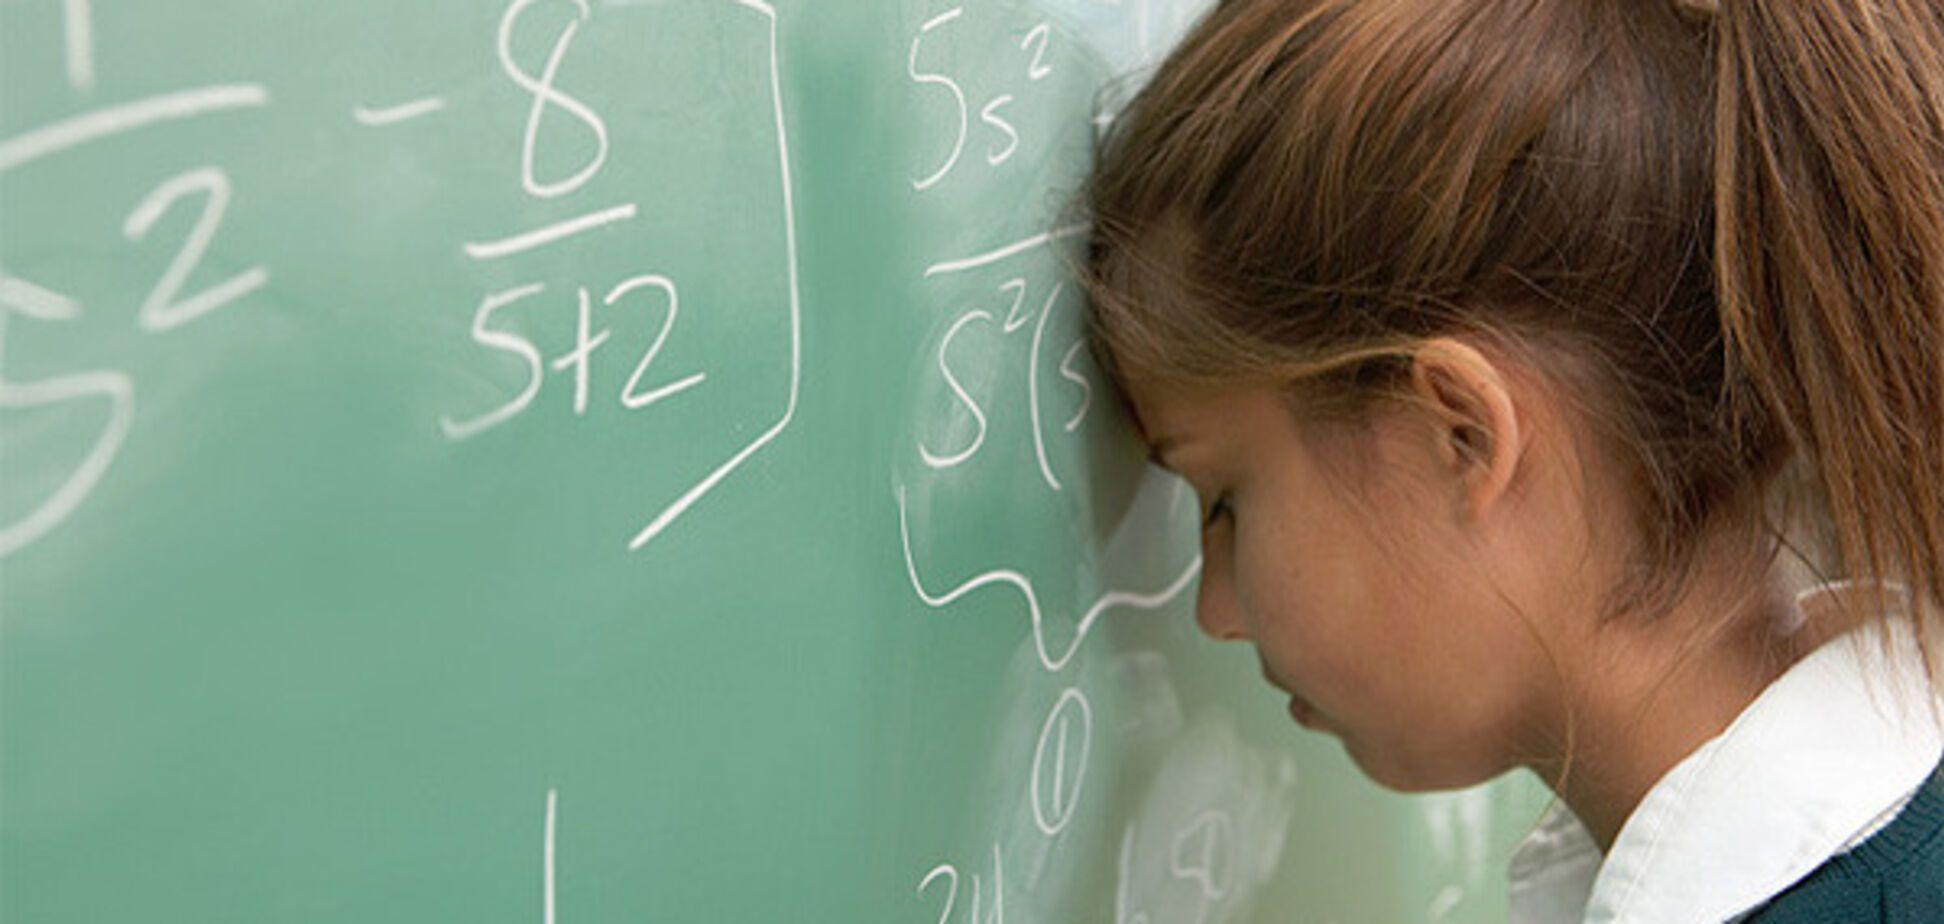 Изменить расписание: ученые о том, в какое время детьми лучше воспринимается математика